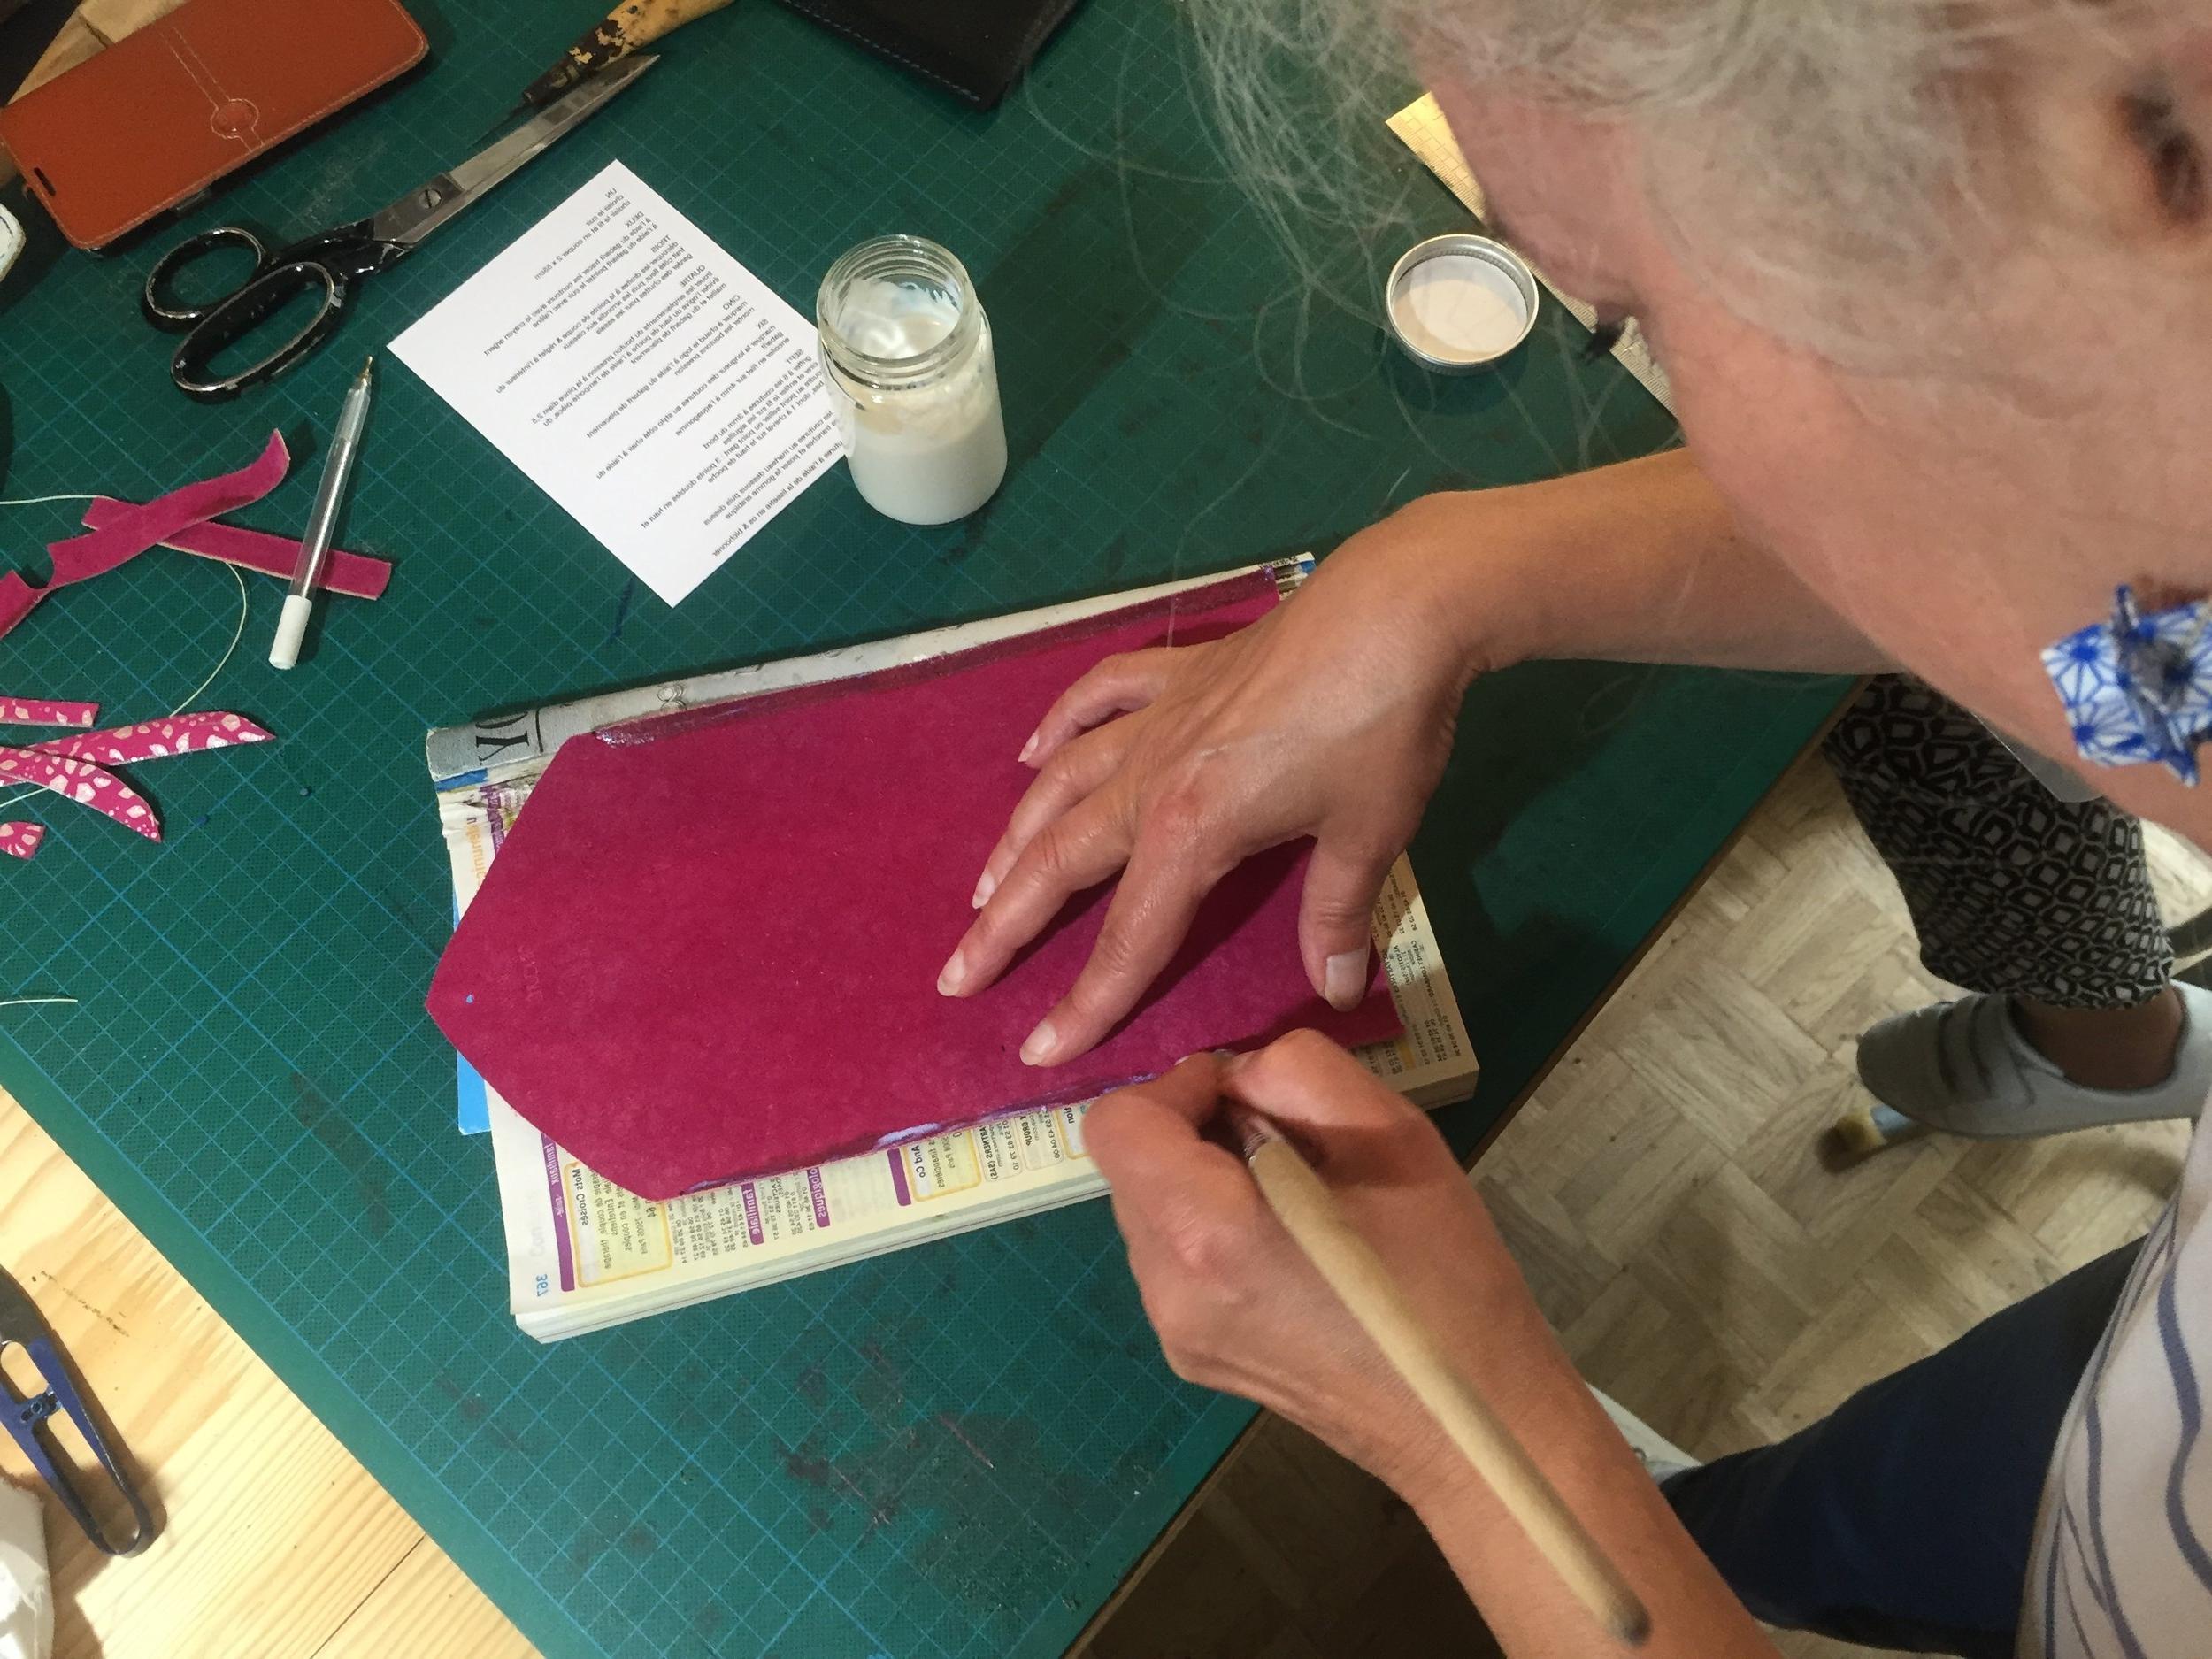 atelier_cuir_wecandoo_karolinebordas_incute_maroquinerie1.JPG